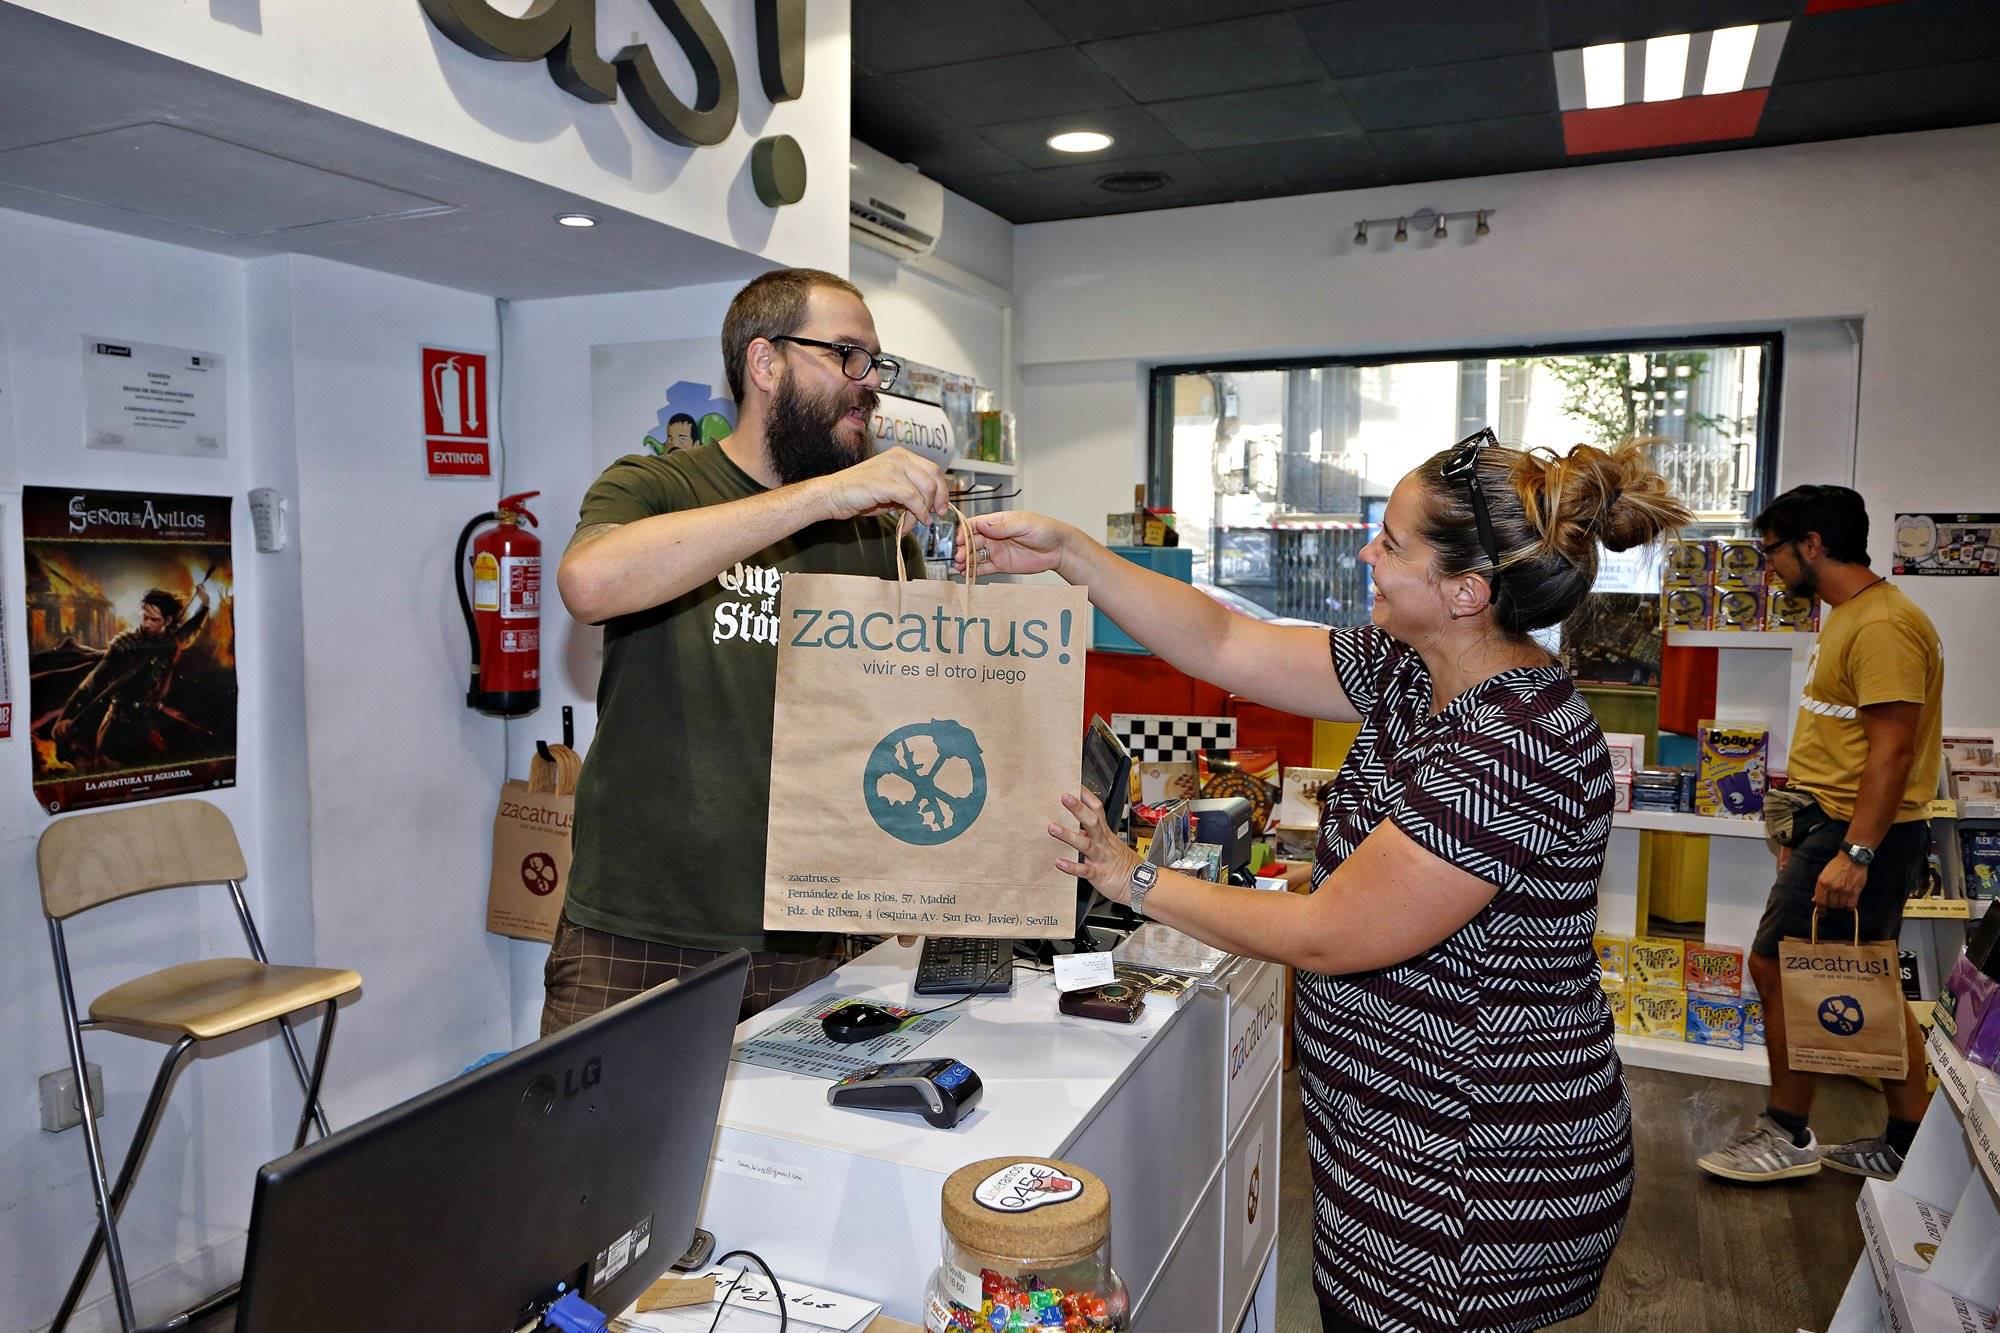 'Zacatrús' es un lugar al que van grupos de amigos a jugar pero también parejas a comprar regalos.